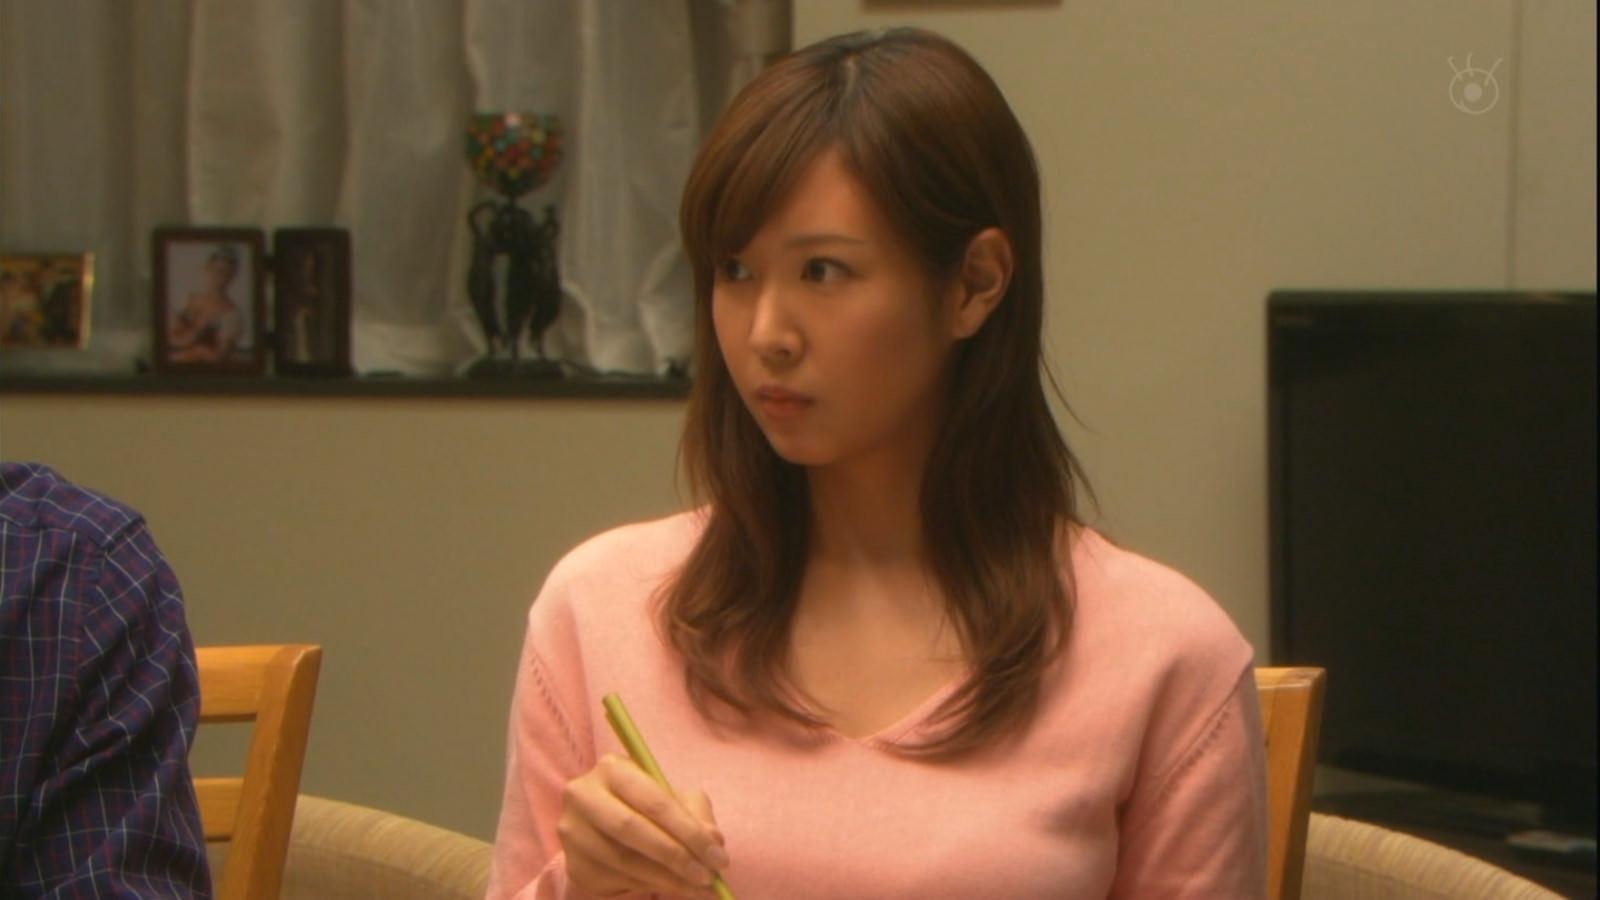 昼ドラに出てる岩田さゆり(24)が巨乳でエロ可愛いwww【キャプ画像】